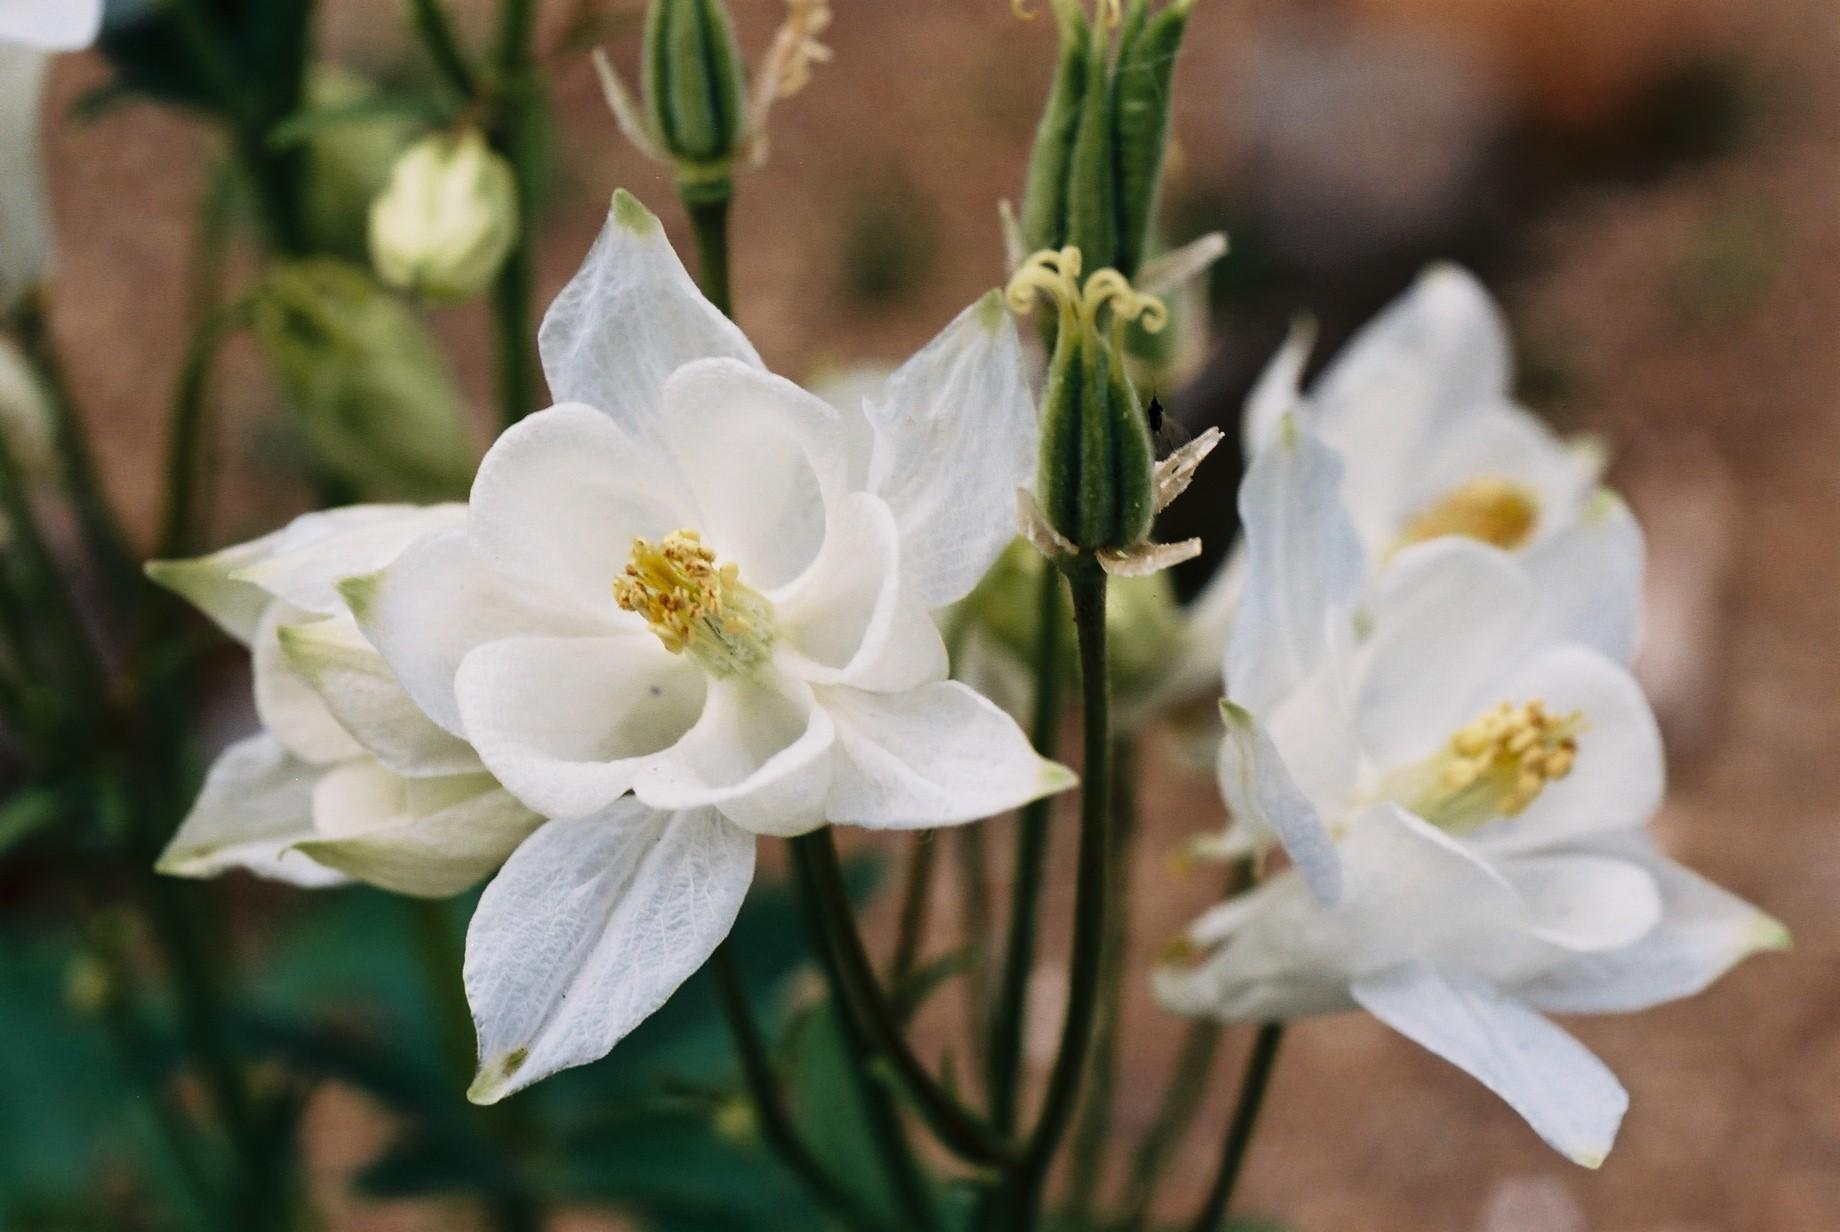 春まだ遠く…花13_a0103650_13514411.jpg